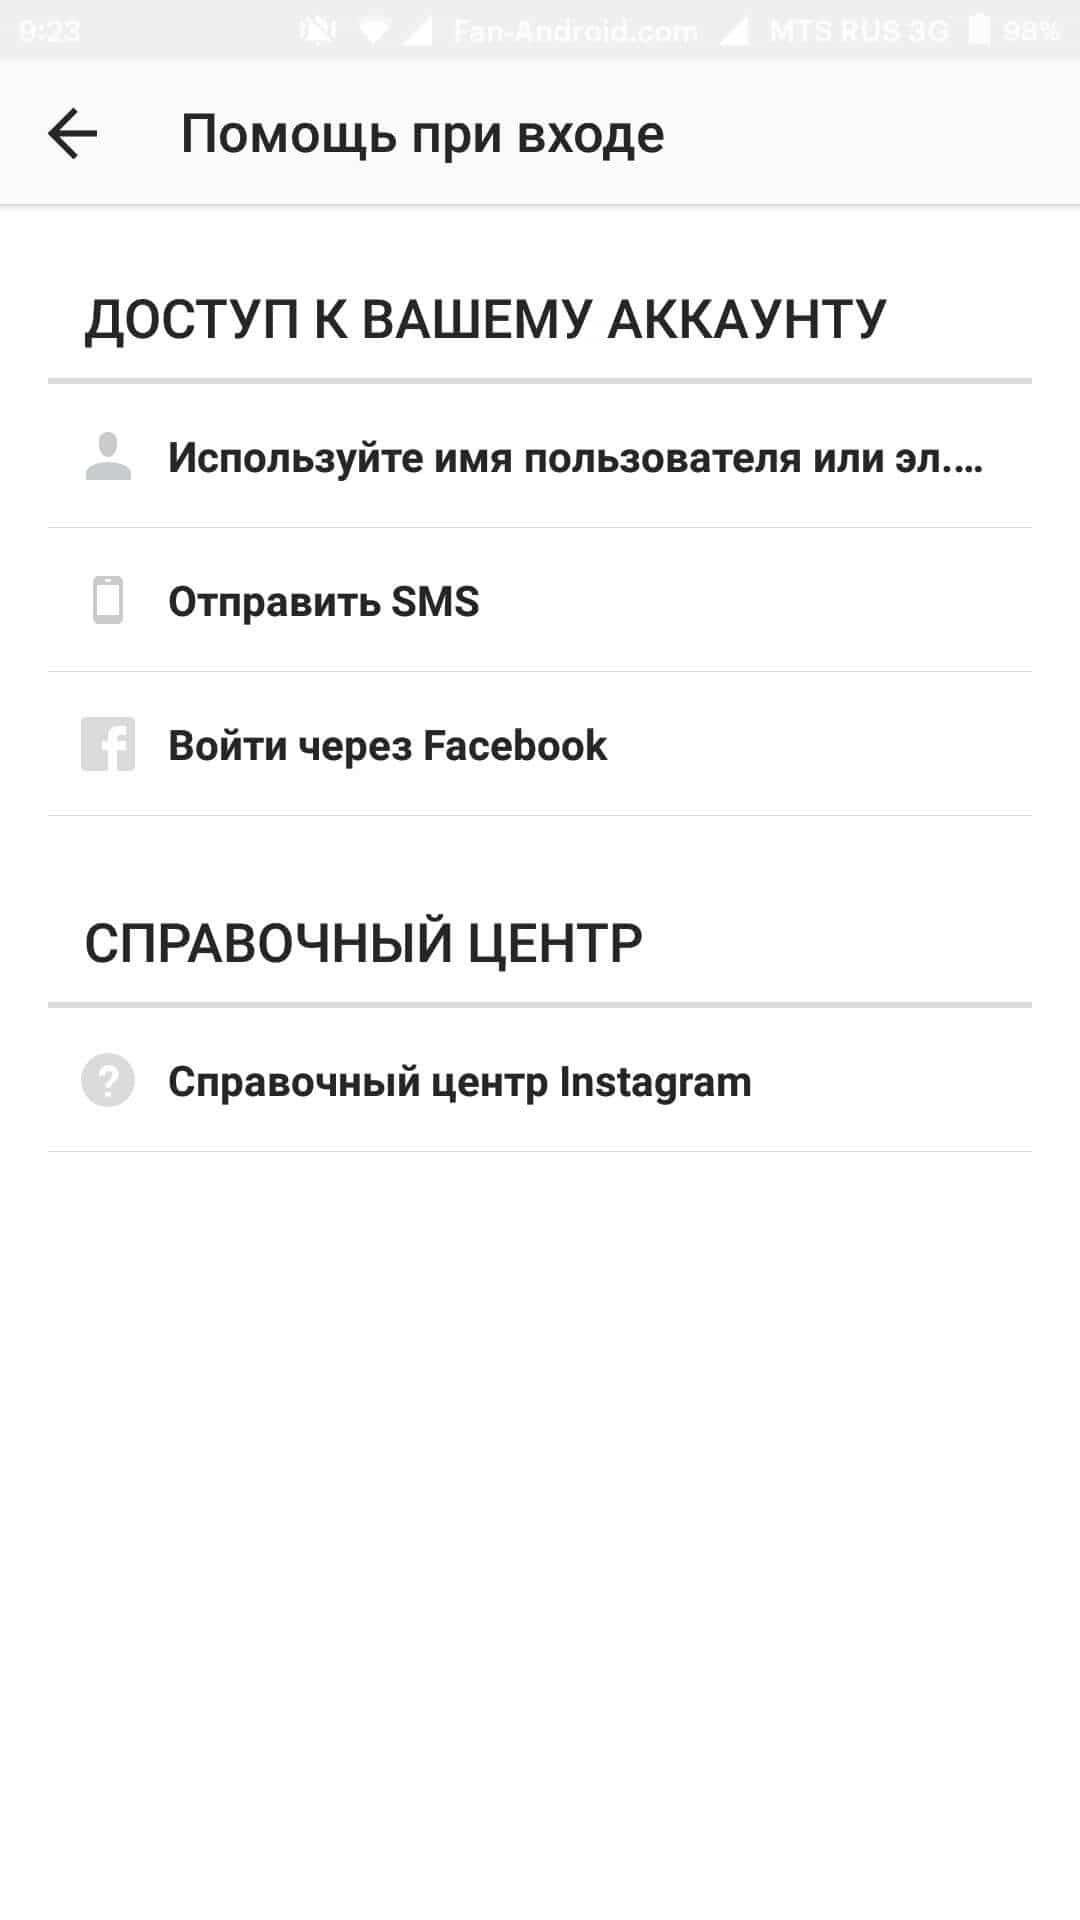 ошибка в приложении инстаграм